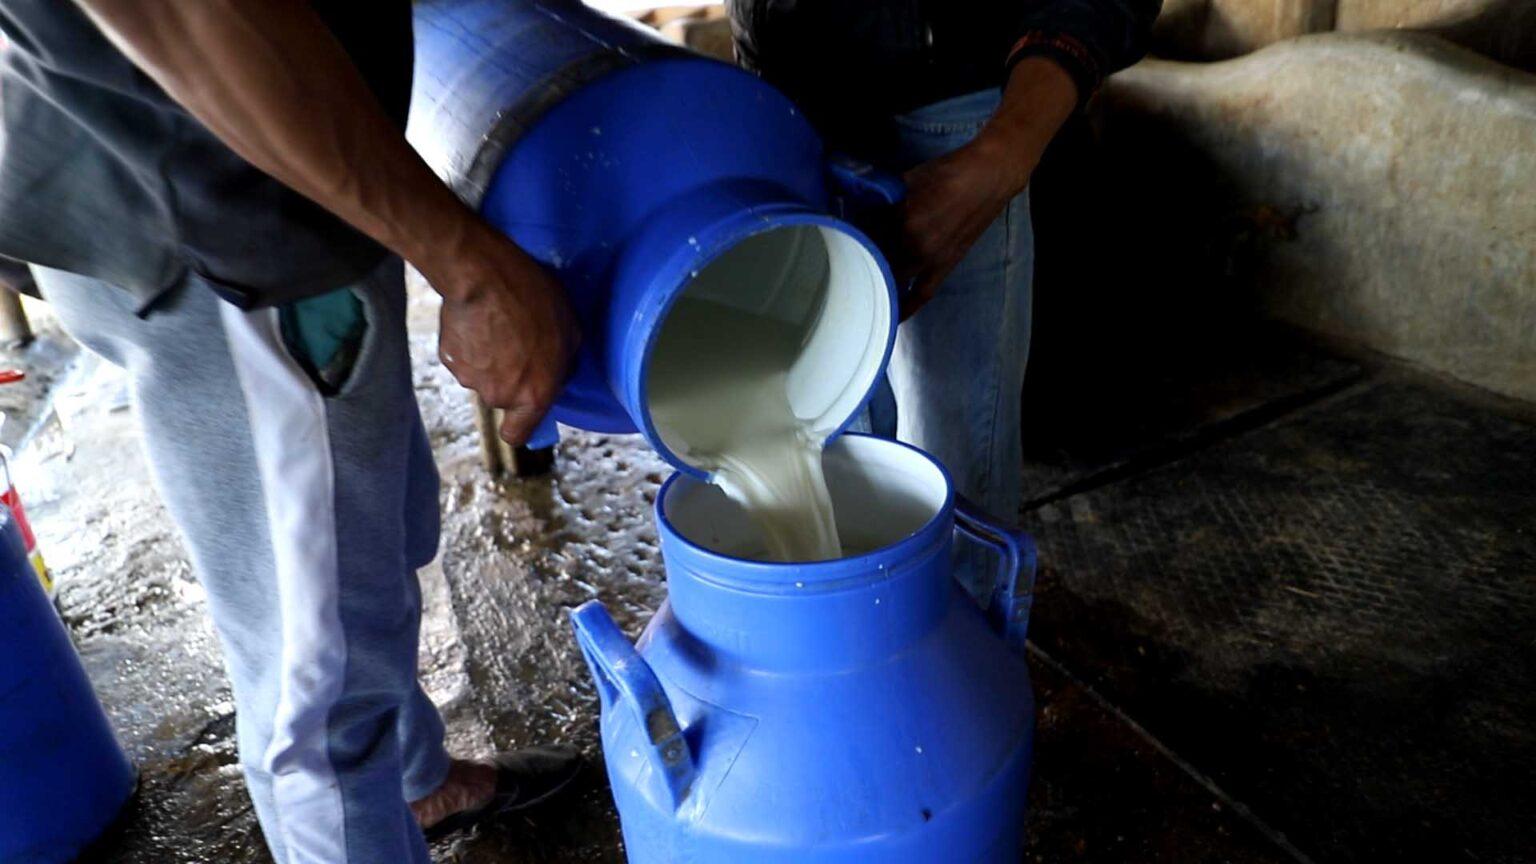 कोरोना कहर : किसानको दूध विक्री नहुँदा फाल्नु पर्ने अवस्था